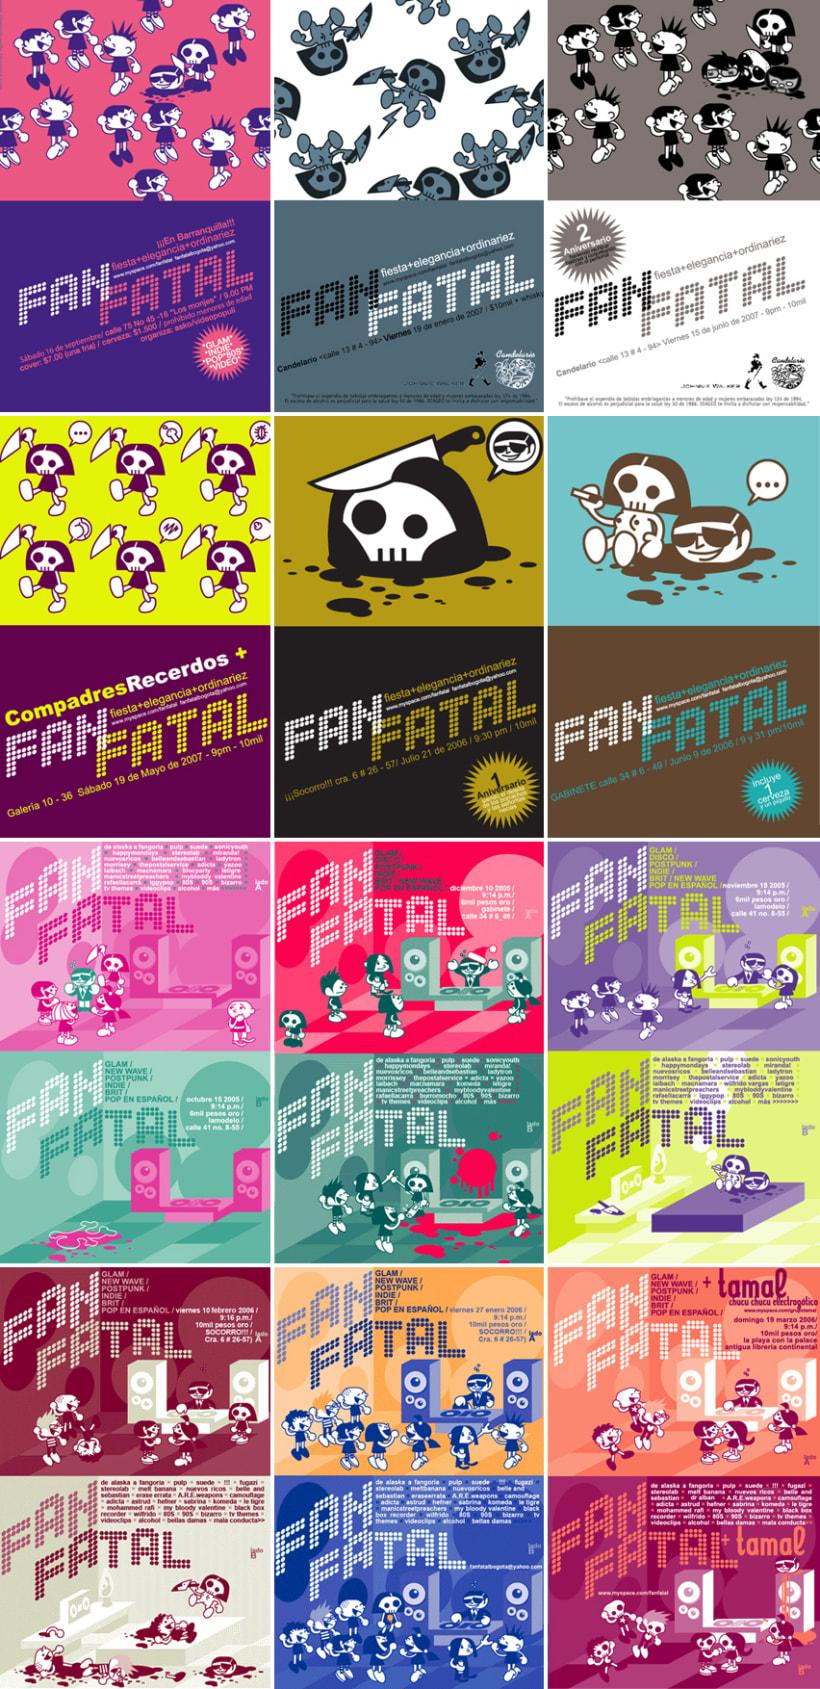 FAN FATAL 7